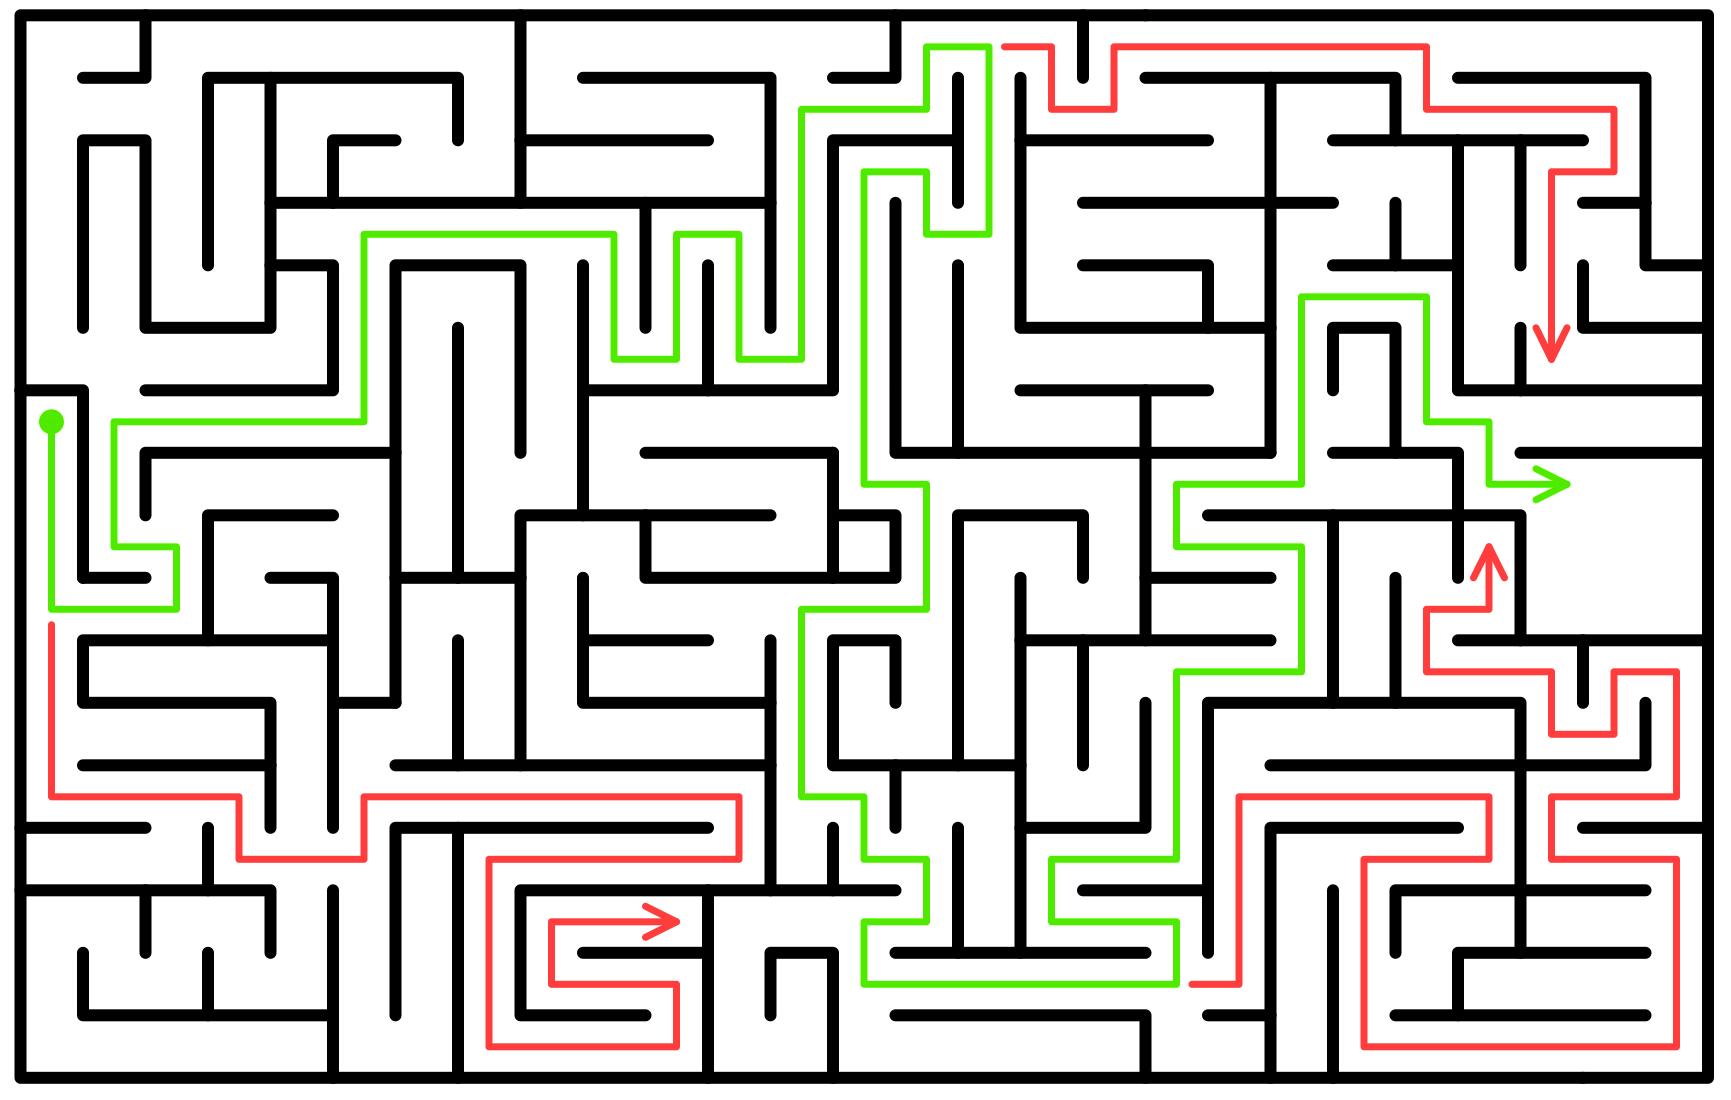 Открытка-лабиринт. Подарок, который невозможно открыть, не разгадав головоломку - 9